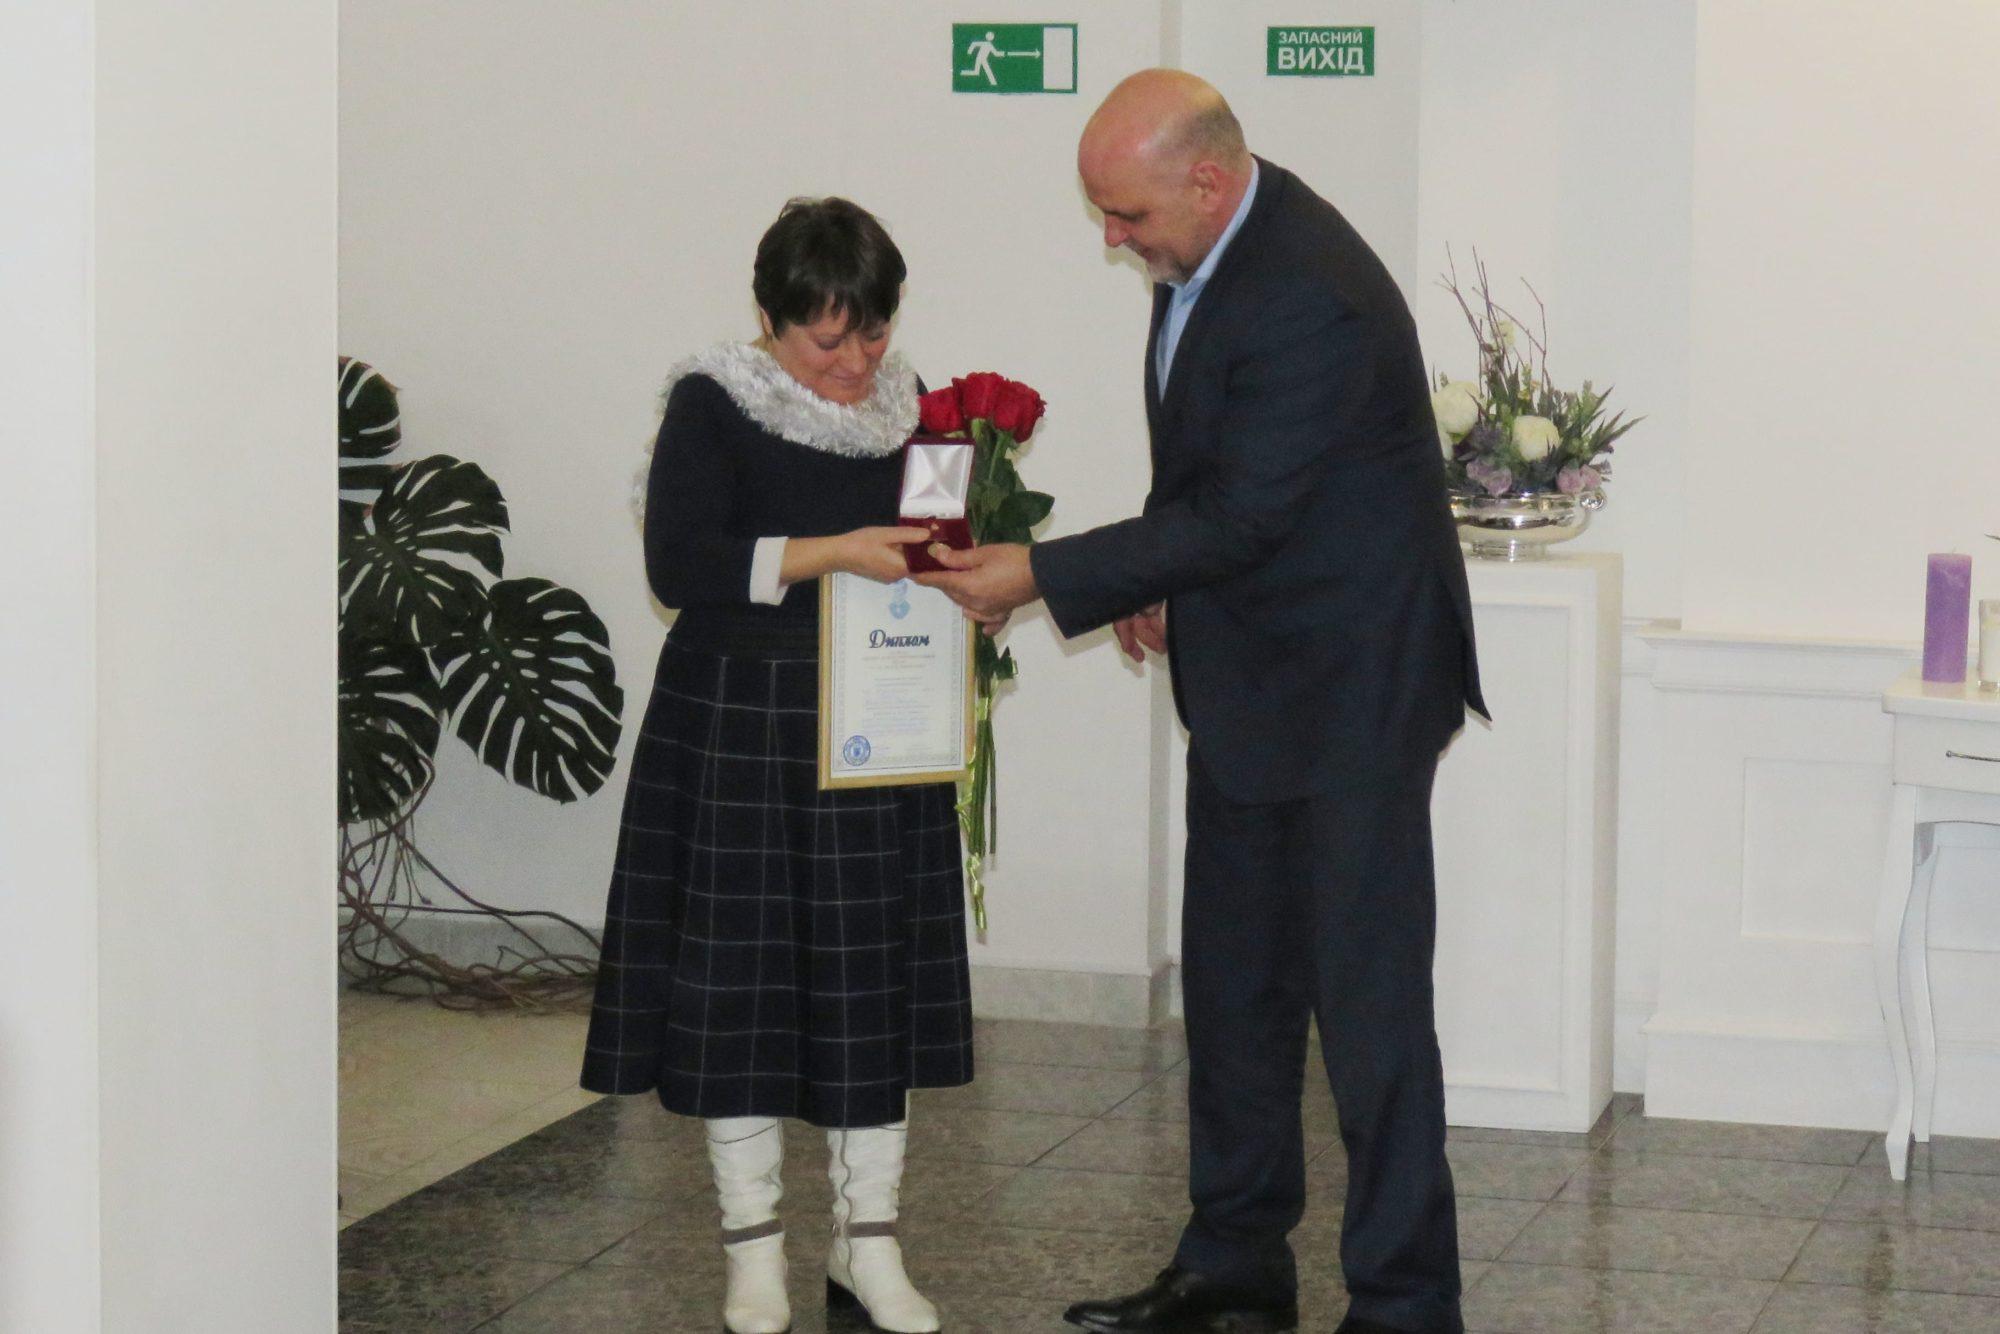 Нагородили найкращих: у Білій Церкві вручили літературно-мистецькі премії - Нагородження - imgbig 1 4 2000x1334